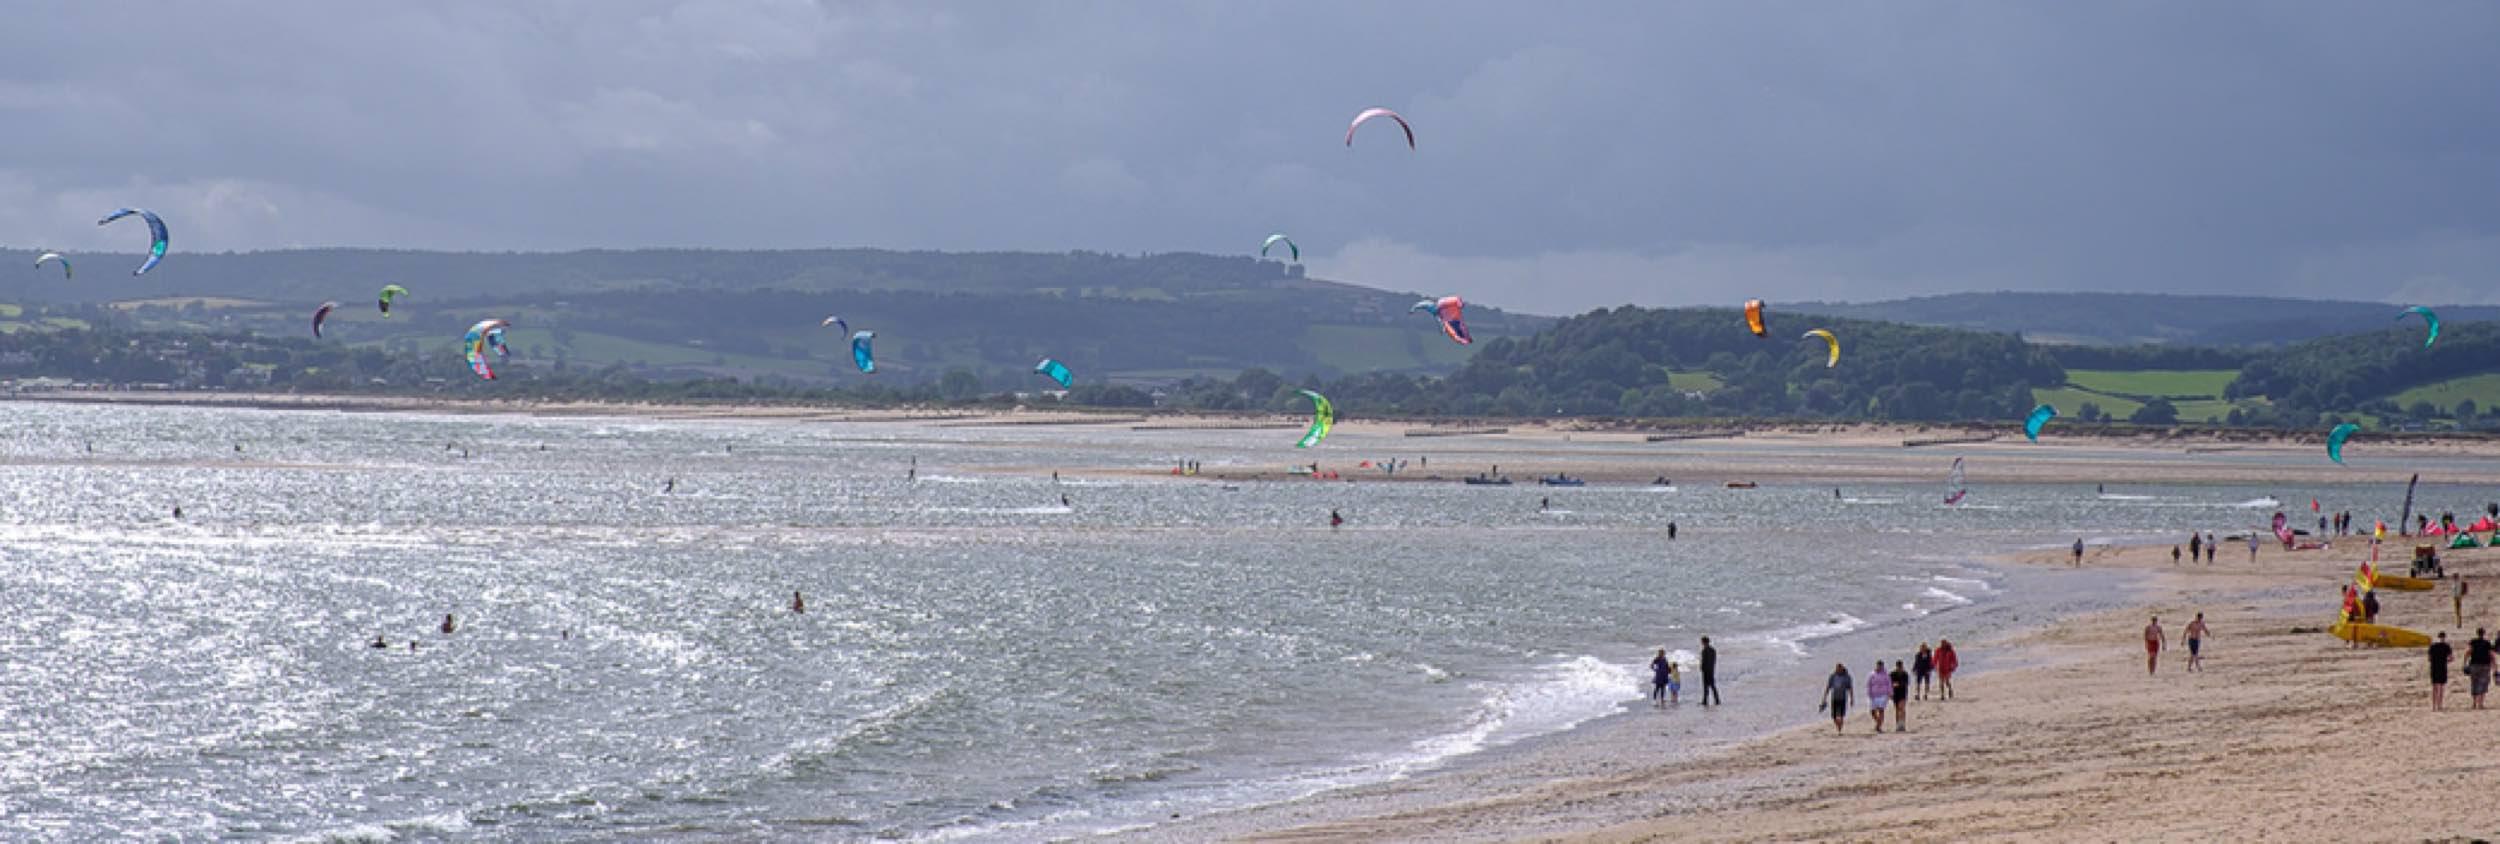 Kitesurfing in Exmouth, UK